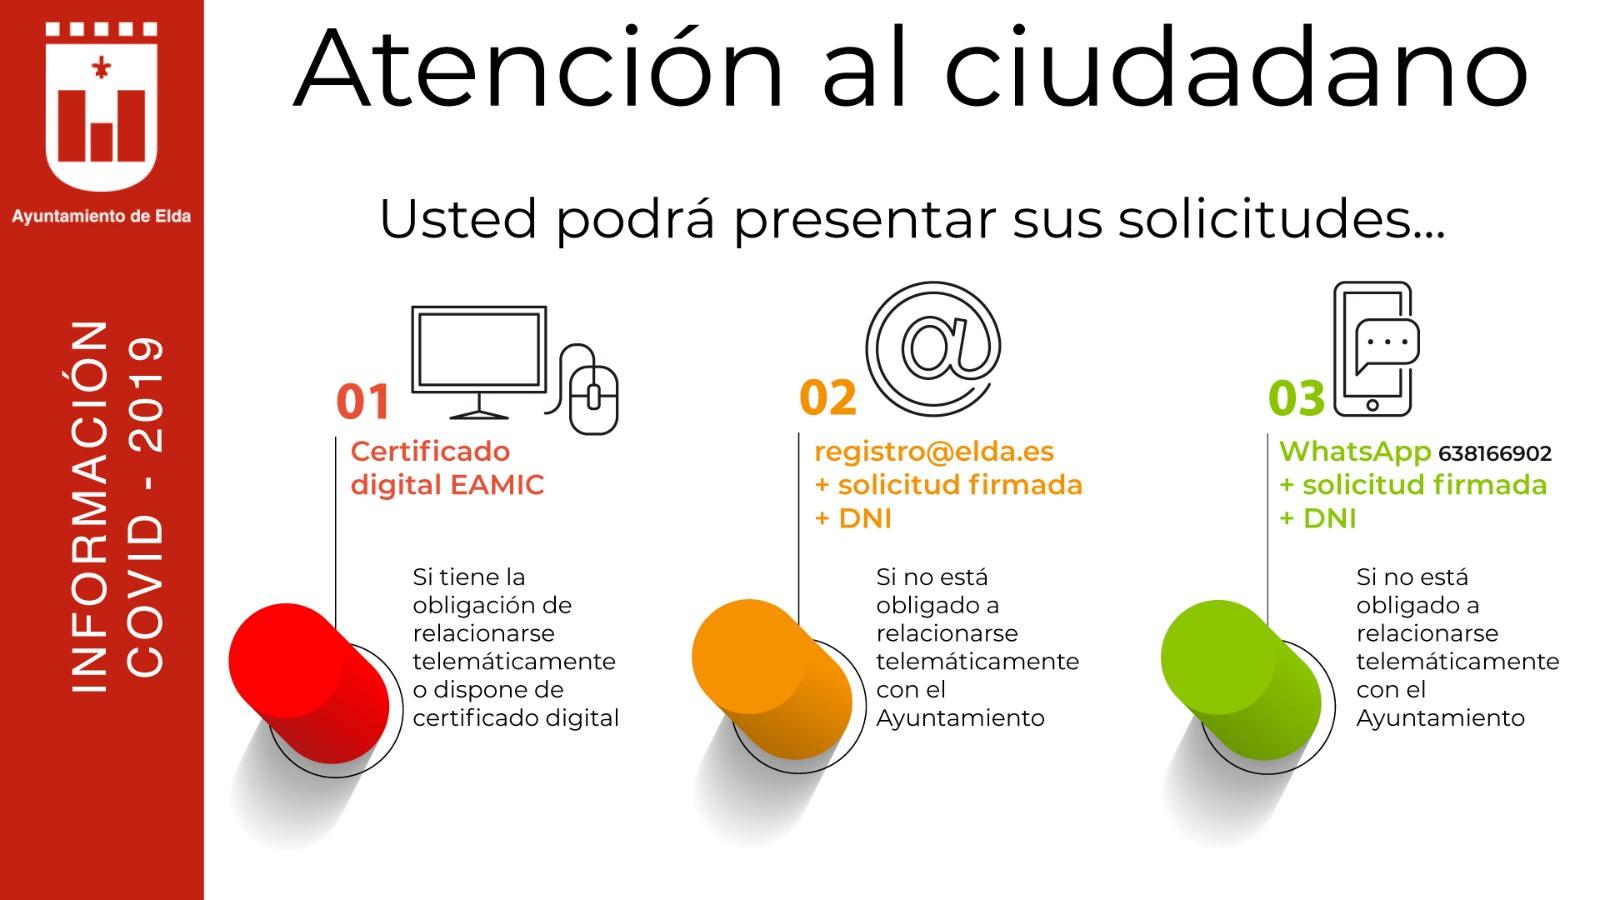 El Ayuntamiento de Elda pone en marcha nuevos canales para que la ciudadanía presente documentos de manera no presencial